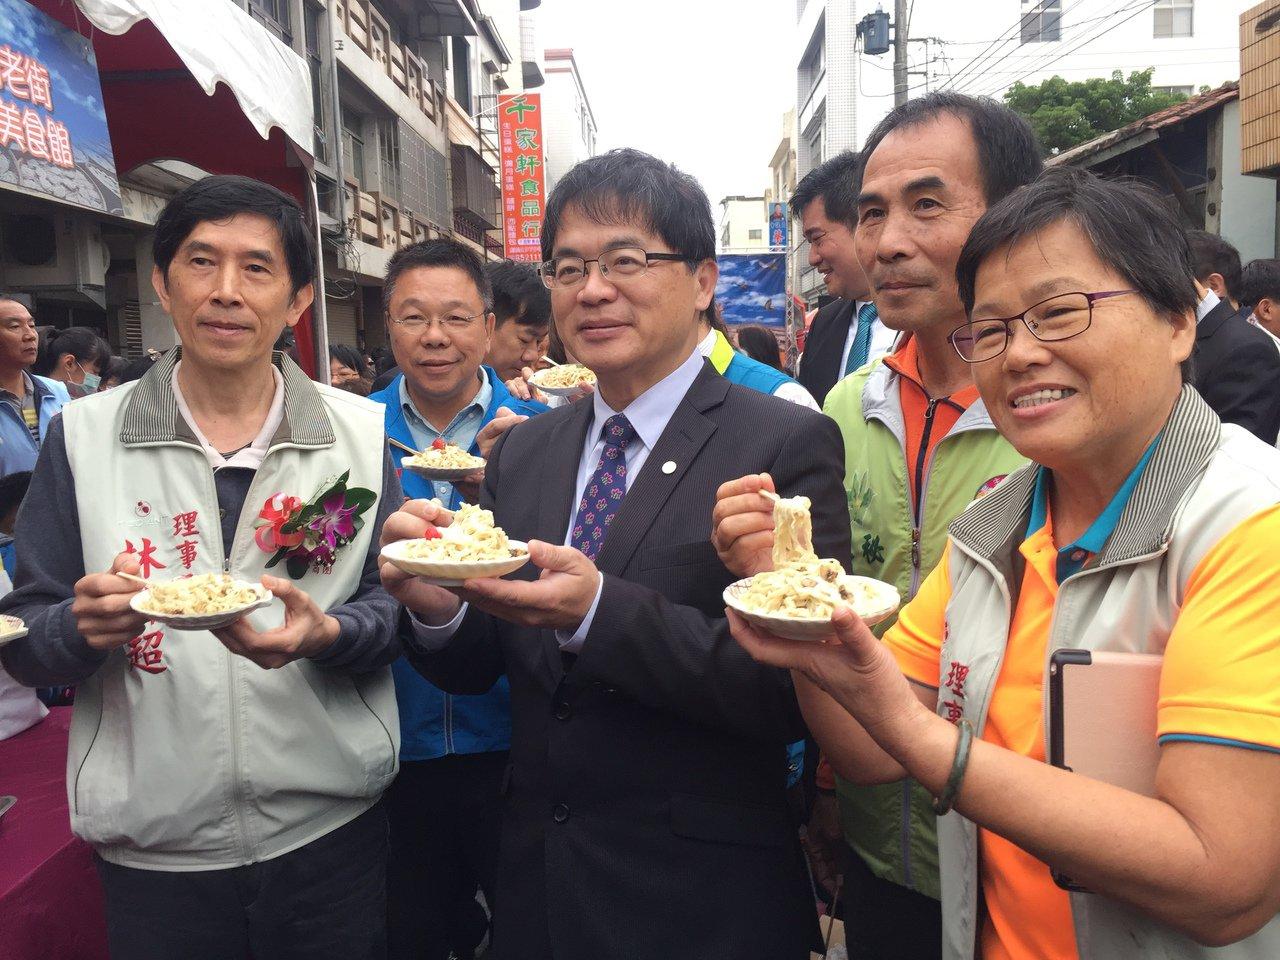 台南市代理市長李孟諺(前排左二)品嘗法式料理的意麵。記者吳政修/攝影